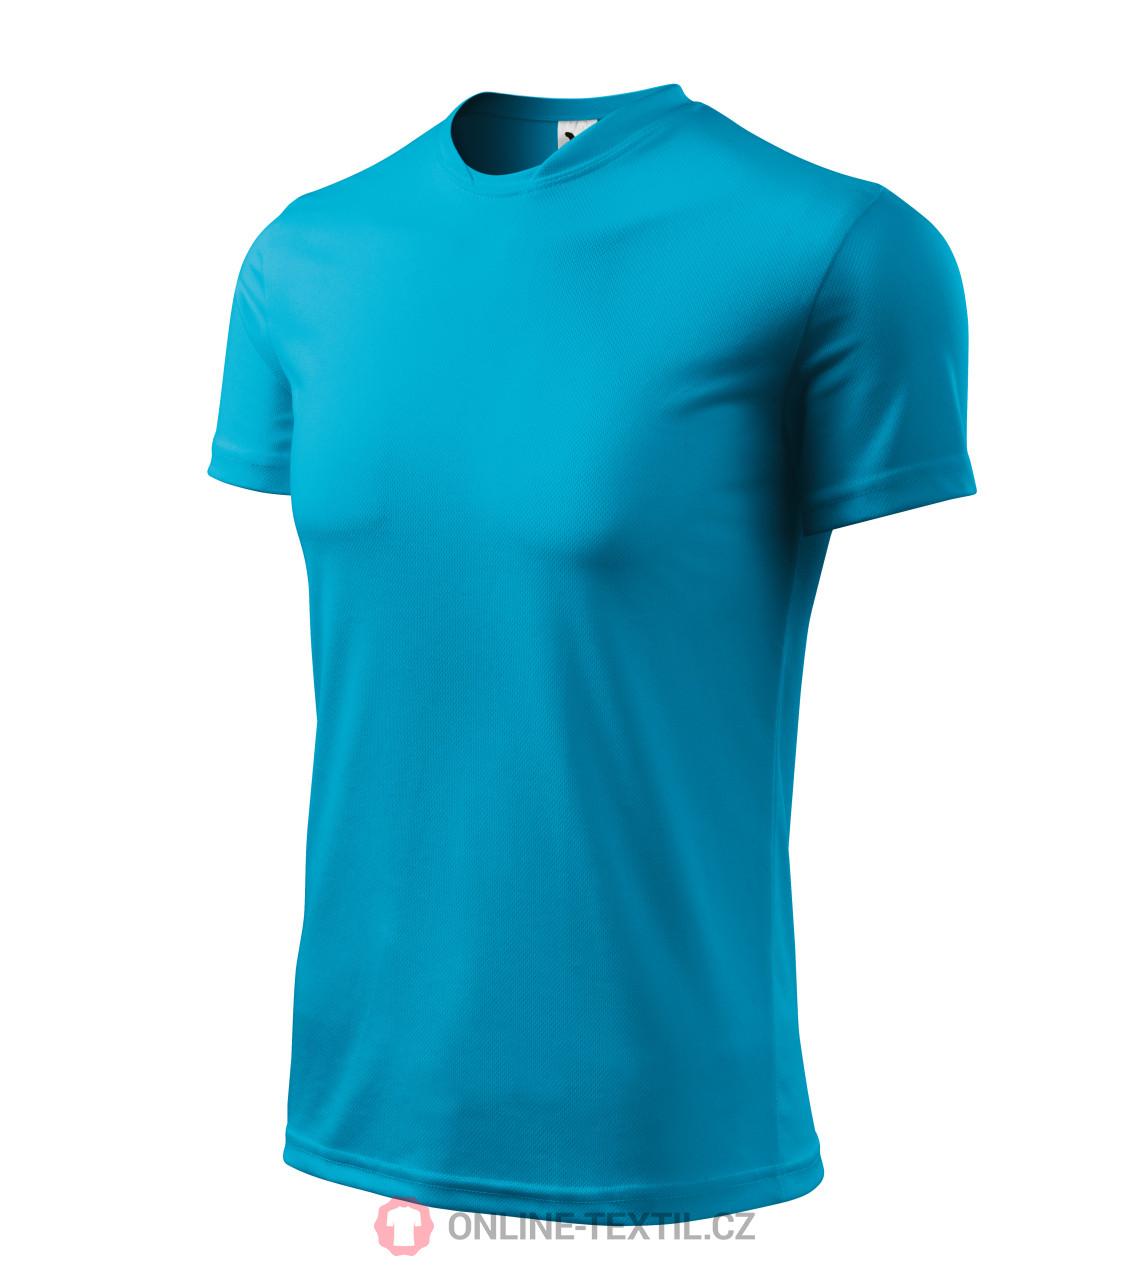 1bd85395095f ADLER CZECH Sportovní tričko Fantasy 124 - tyrkysová z kolekce ...